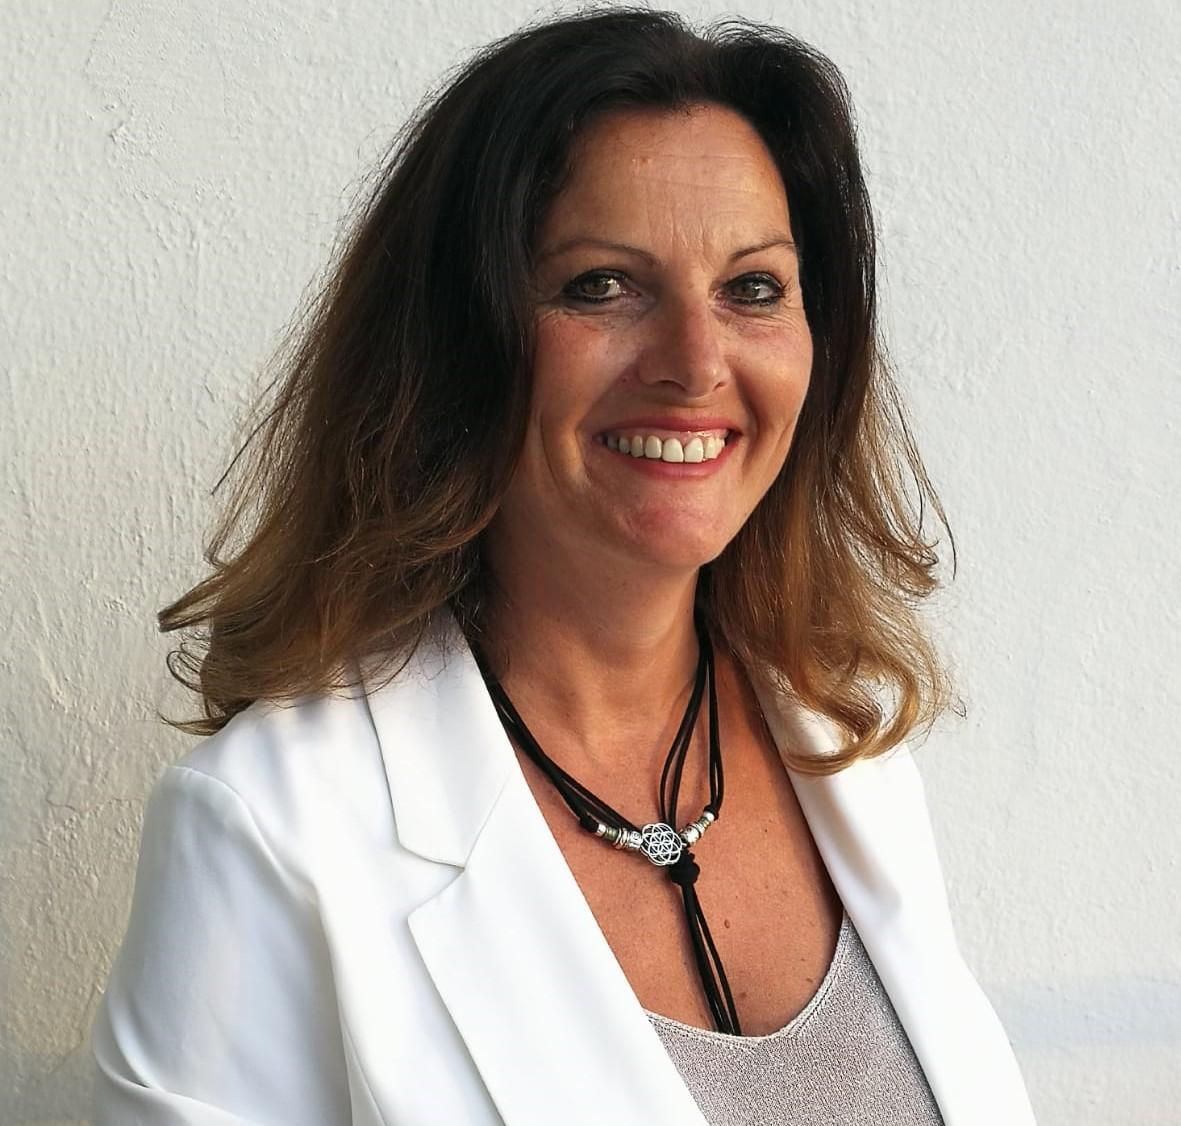 Jolanda van der Steen